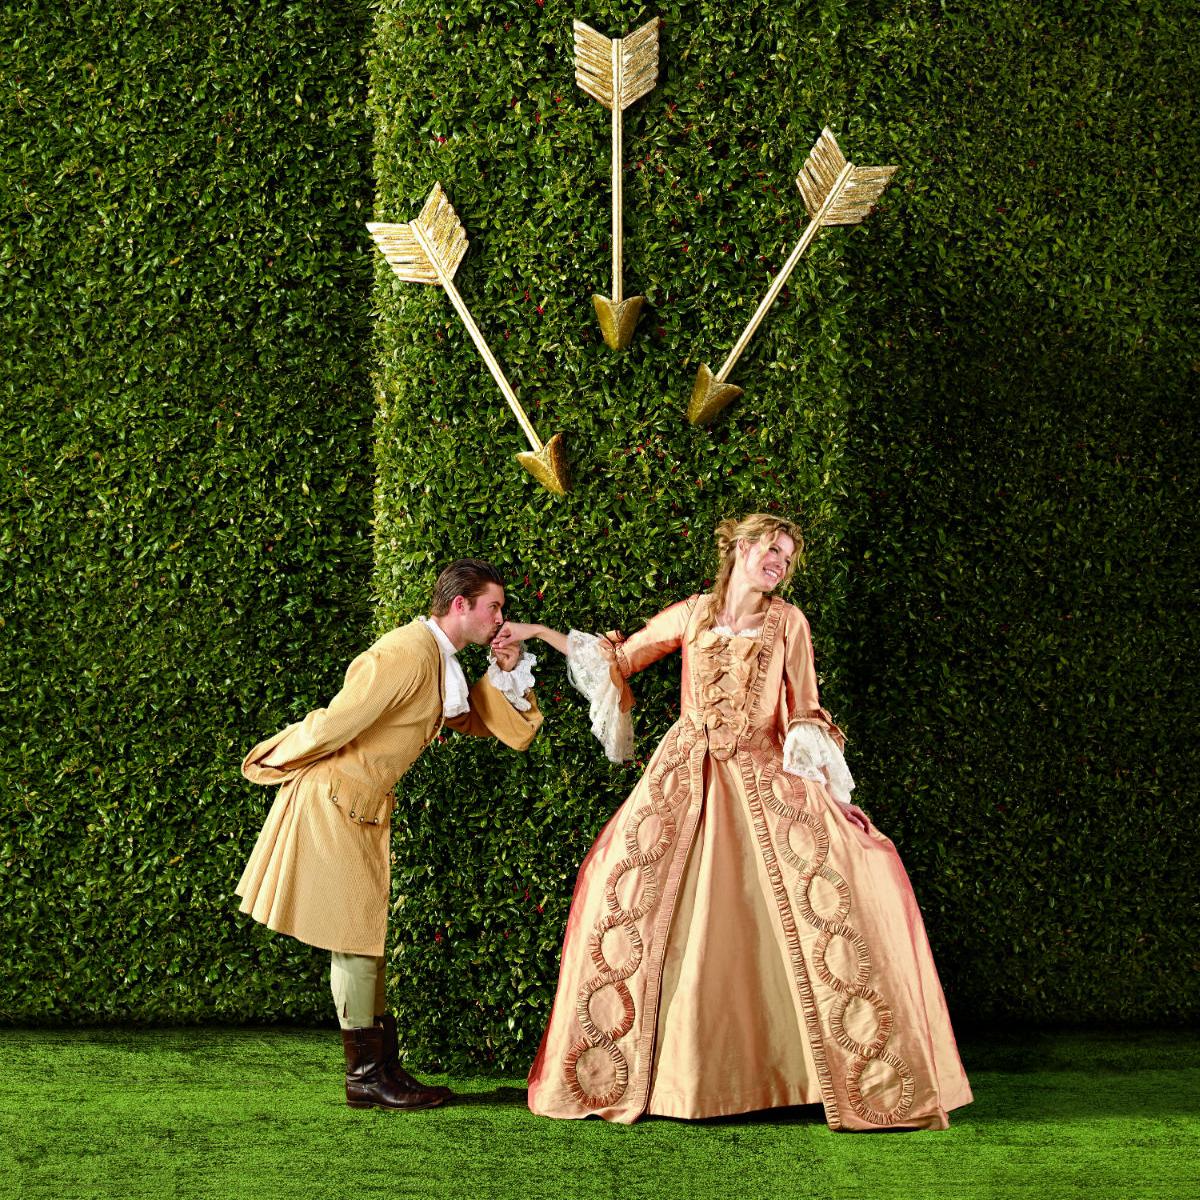 Dallas Opera presents The Marriage of Figaro